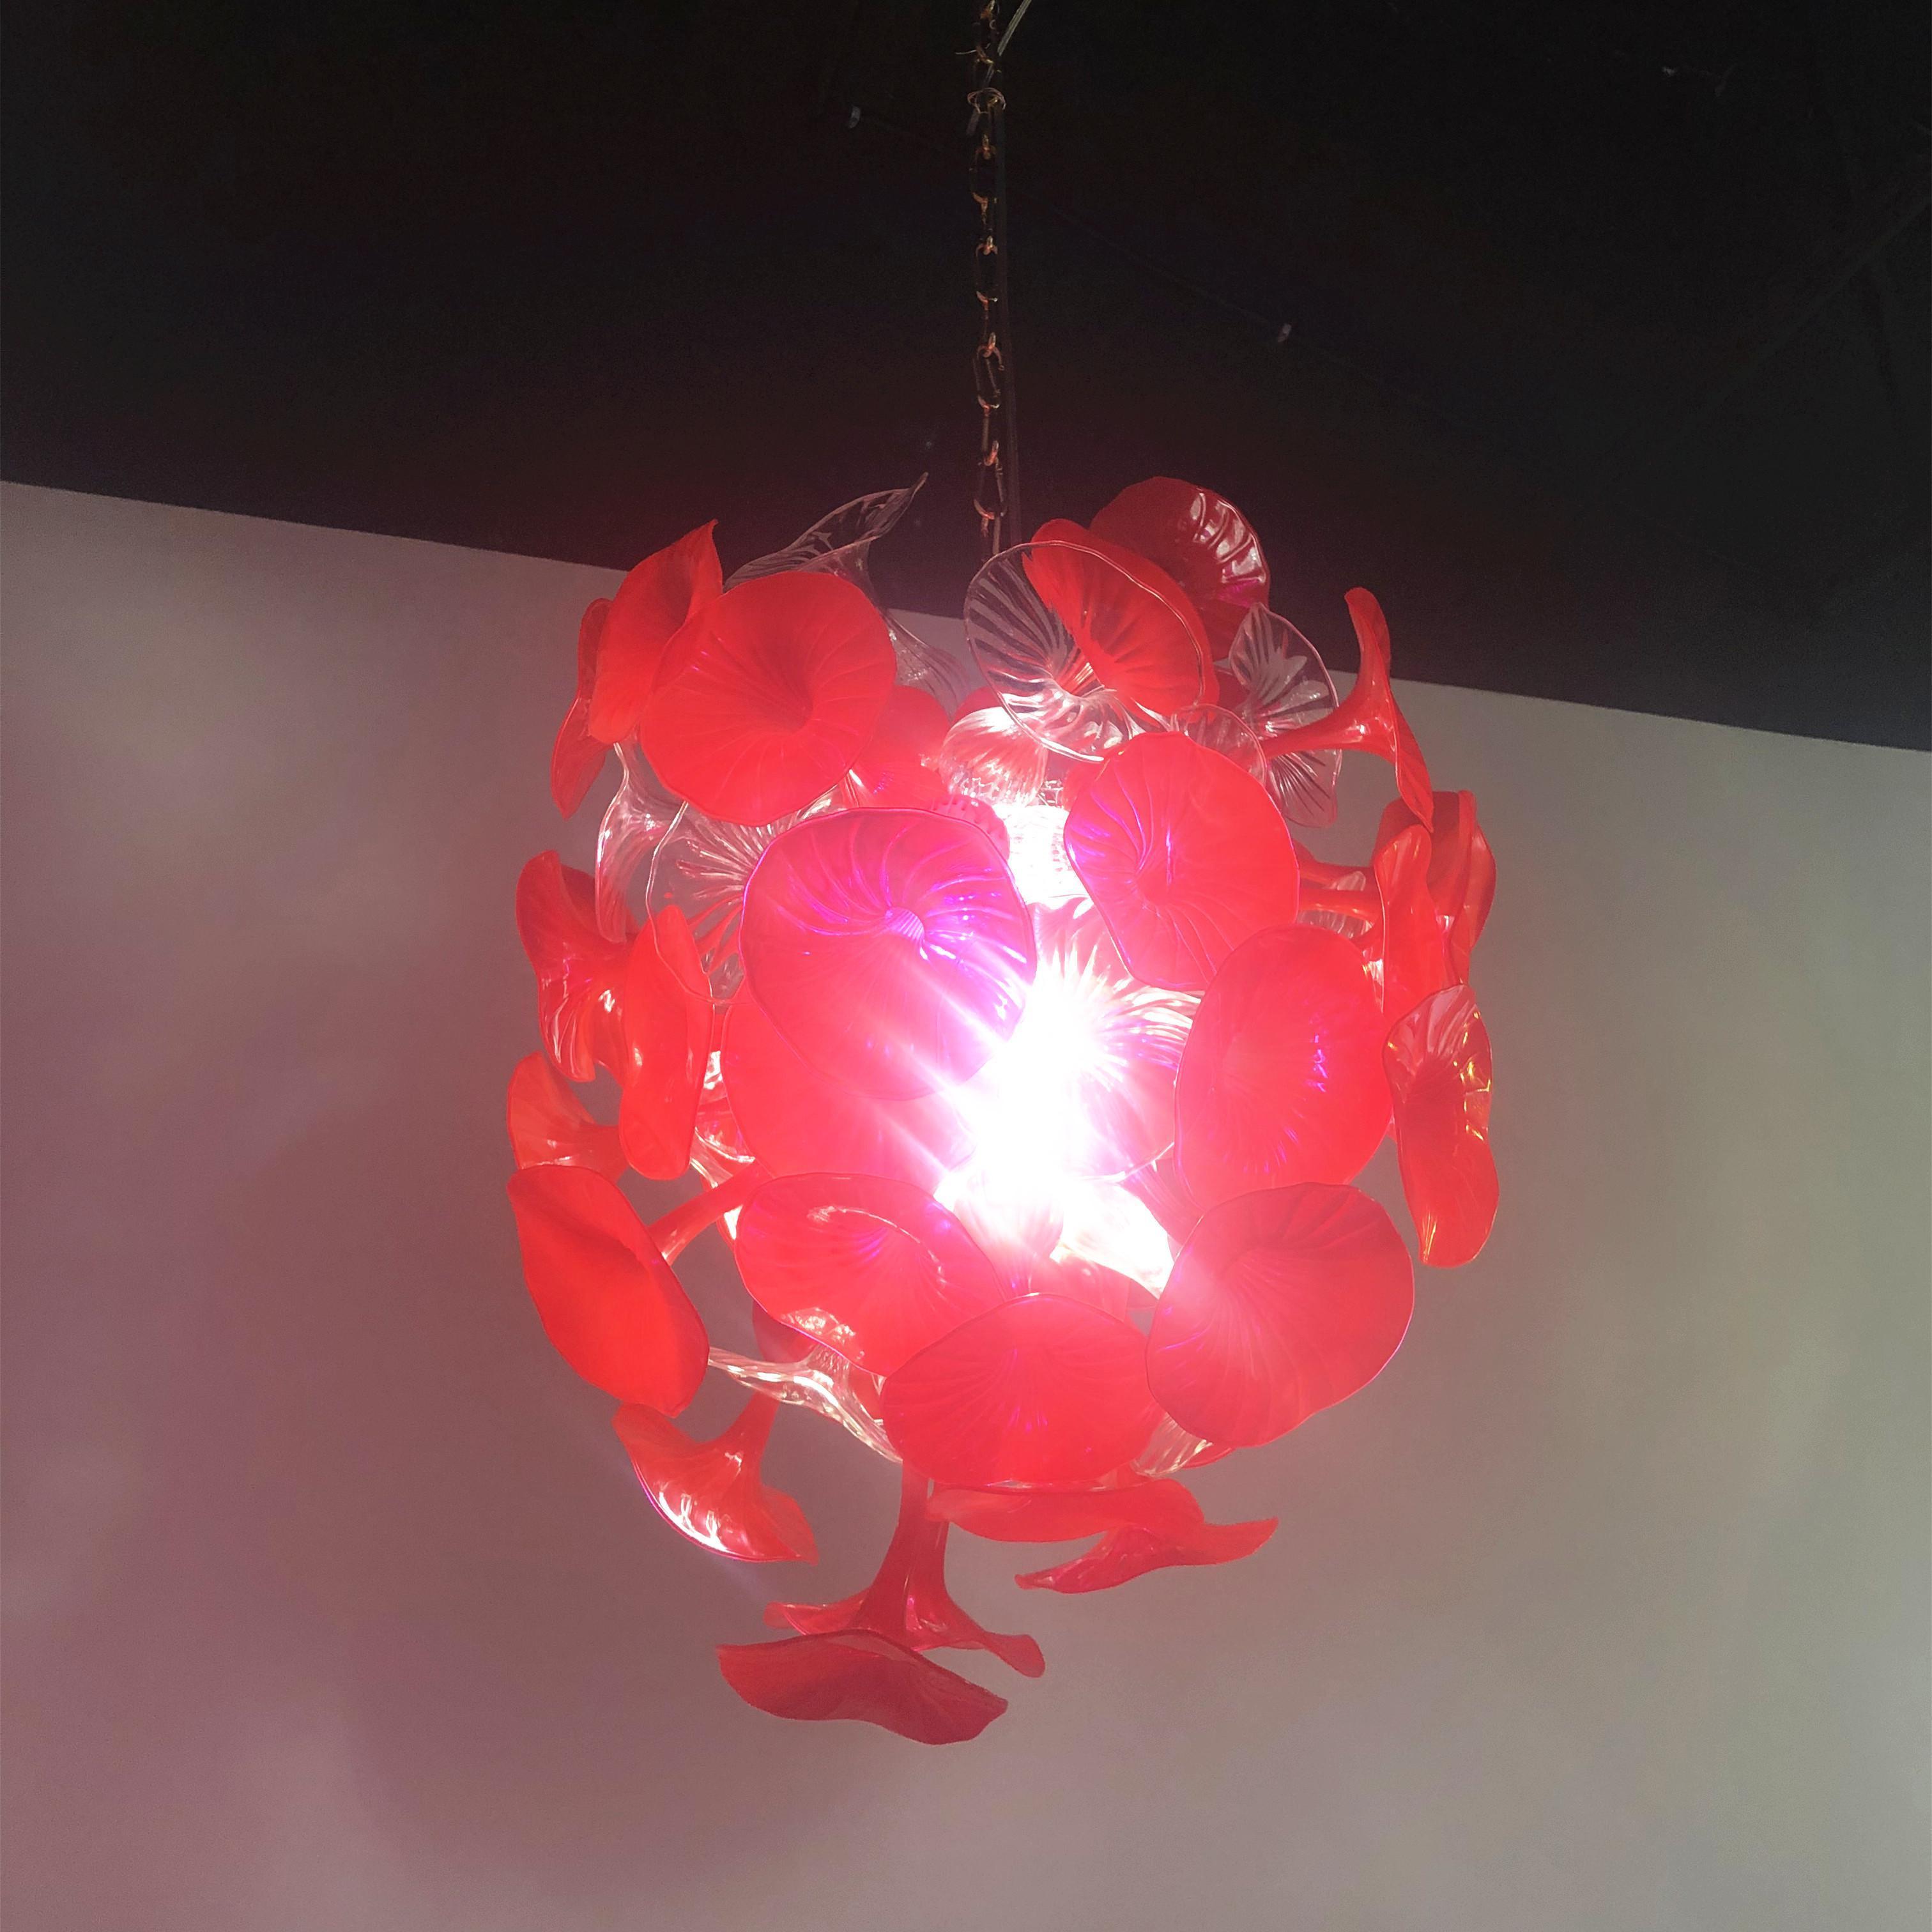 cgjxs Fantaisie de Noël Festival de décoration en verre soufflé main rouge trompette Lustre Mouthblown Chine Murano Designer Luminaires